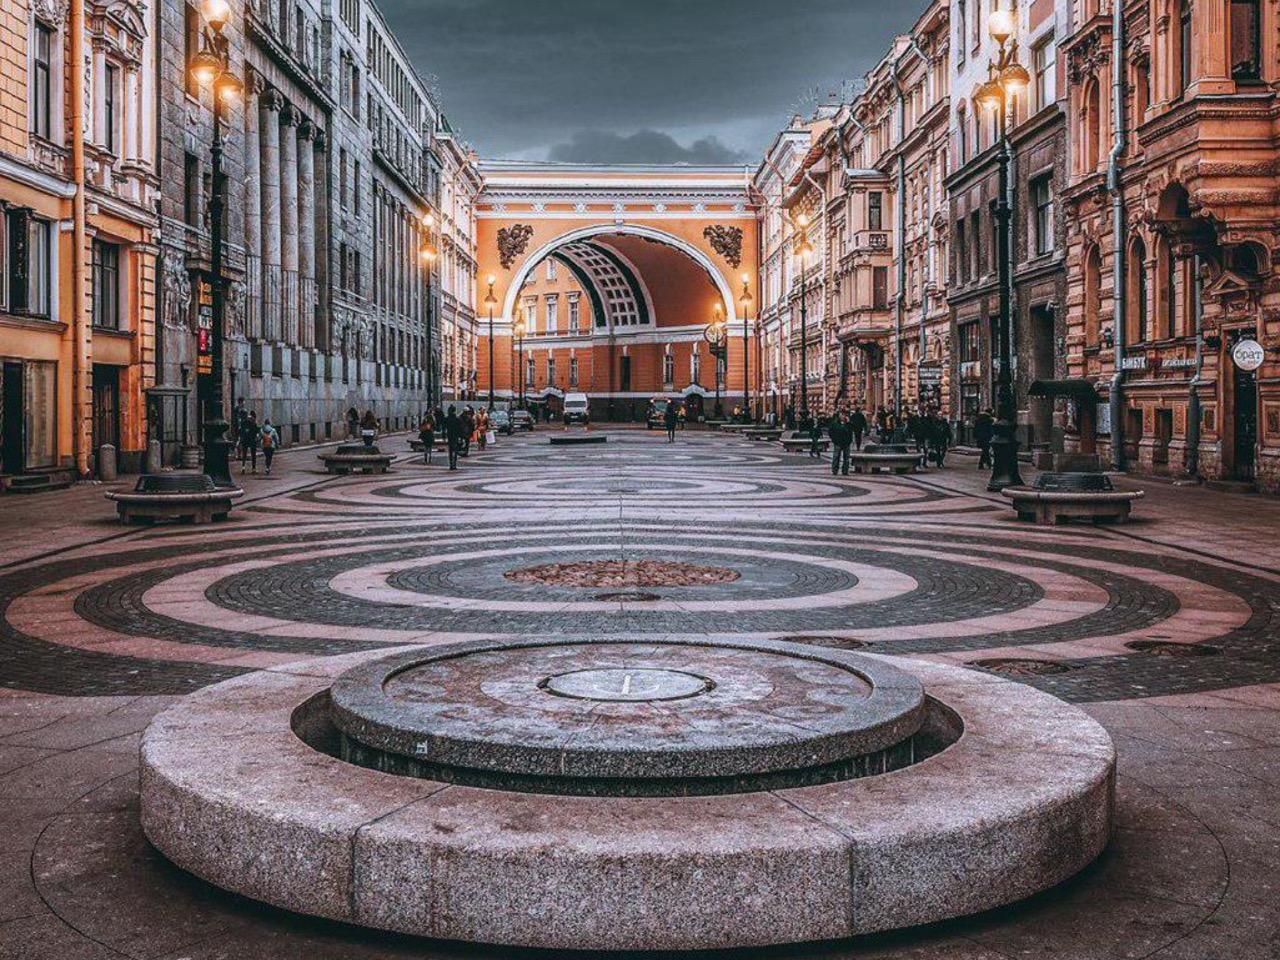 Обзорная экскурсия по Санкт-Петербургу - индивидуальная экскурсия по Санкт-Петербургу от опытного гида